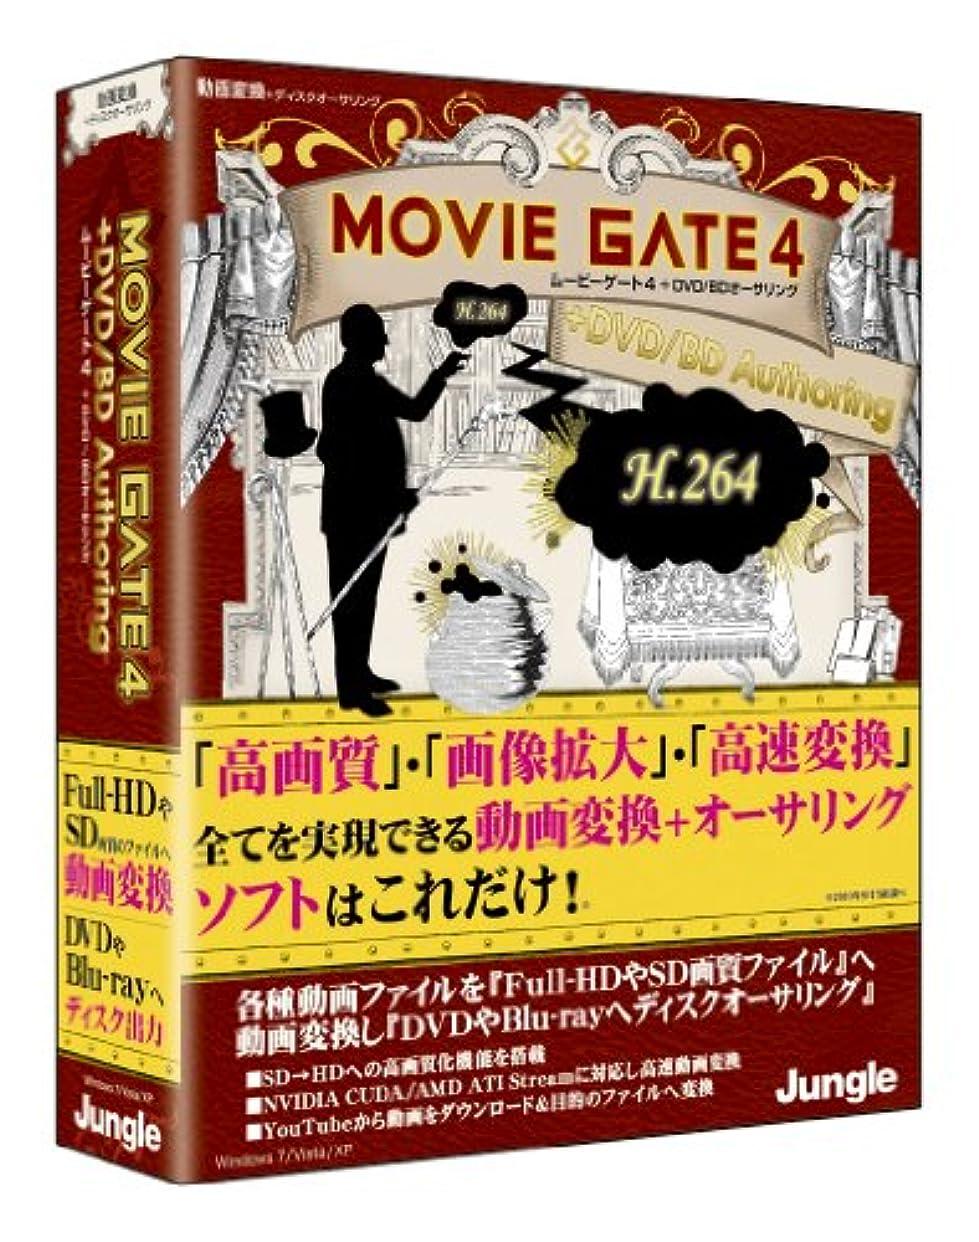 エキゾチックミュート滑るMovieGate 4 + DVD/BDオーサリング